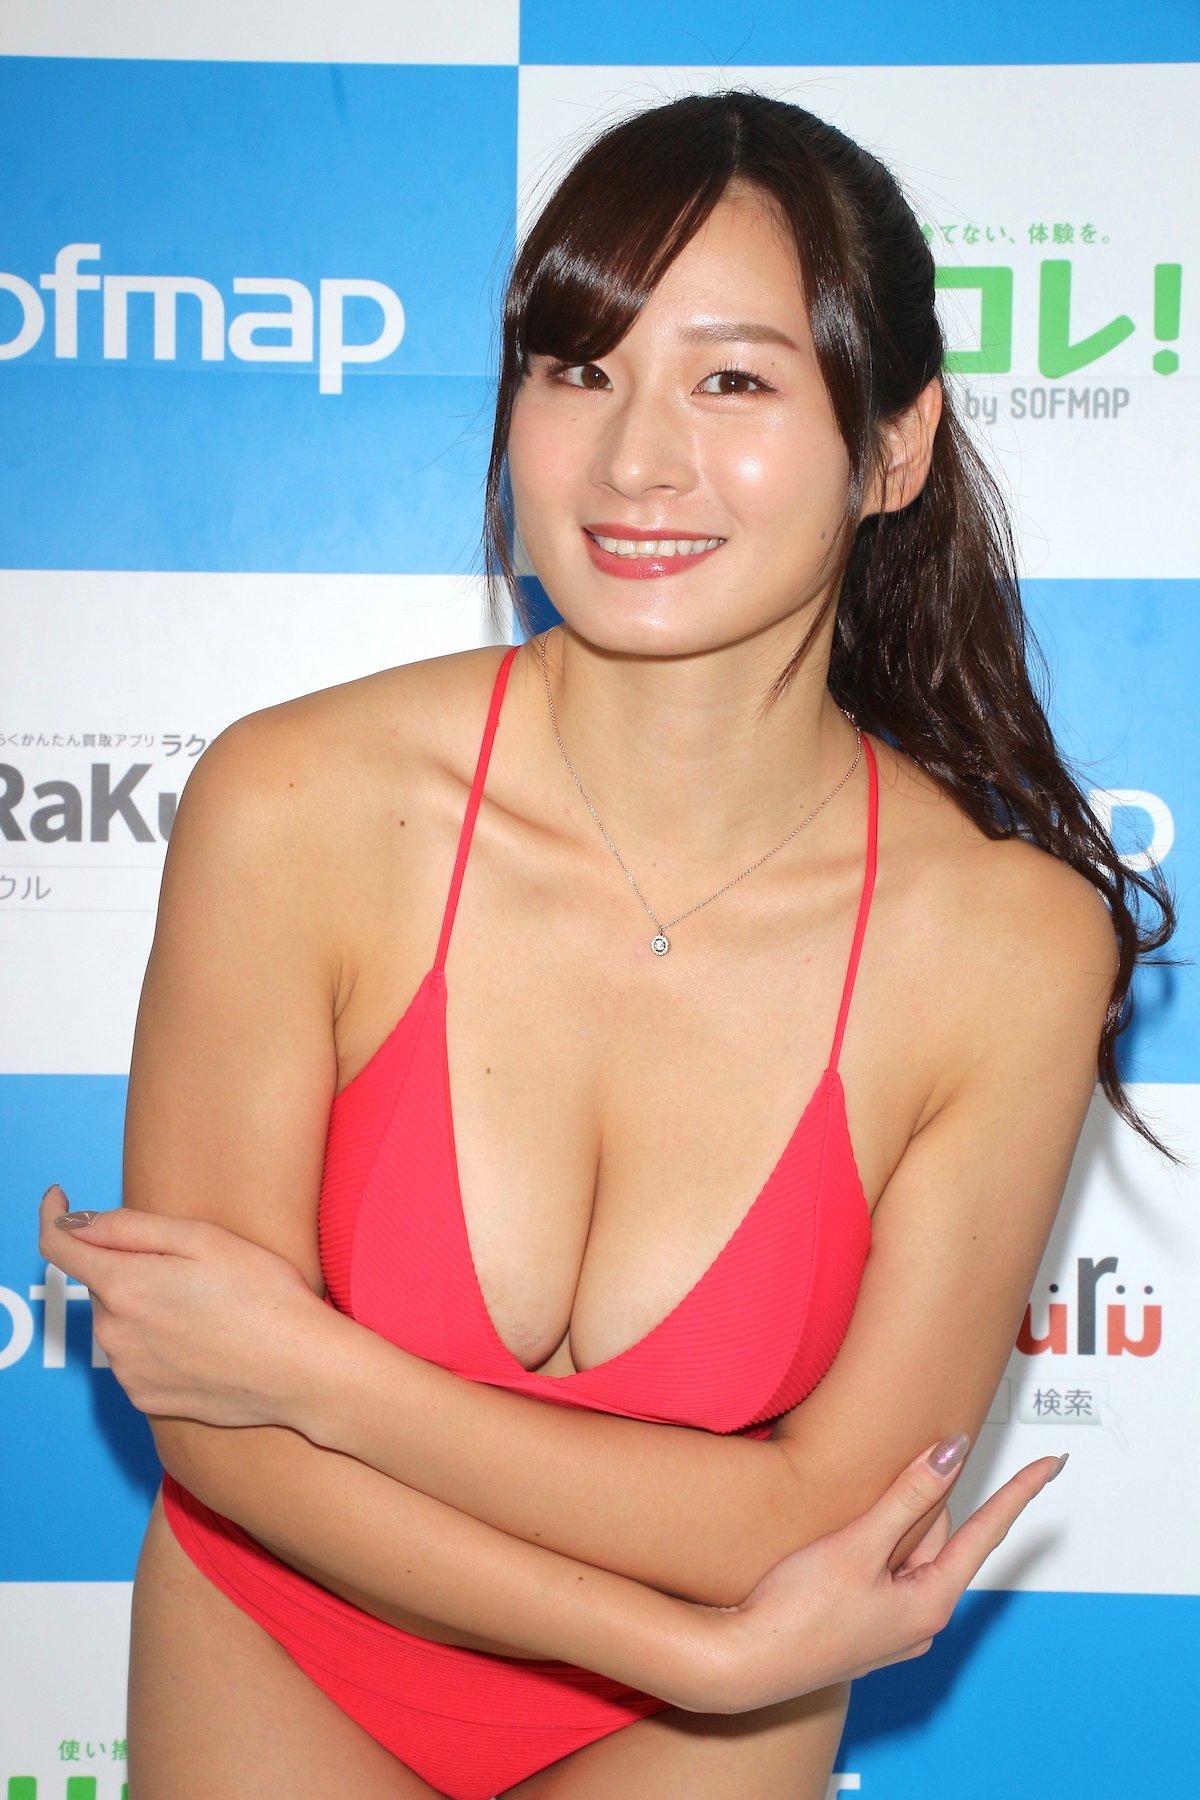 清瀬汐希「本当に何も着てない」お風呂のシーンは露出度満点!【画像62枚】の画像039